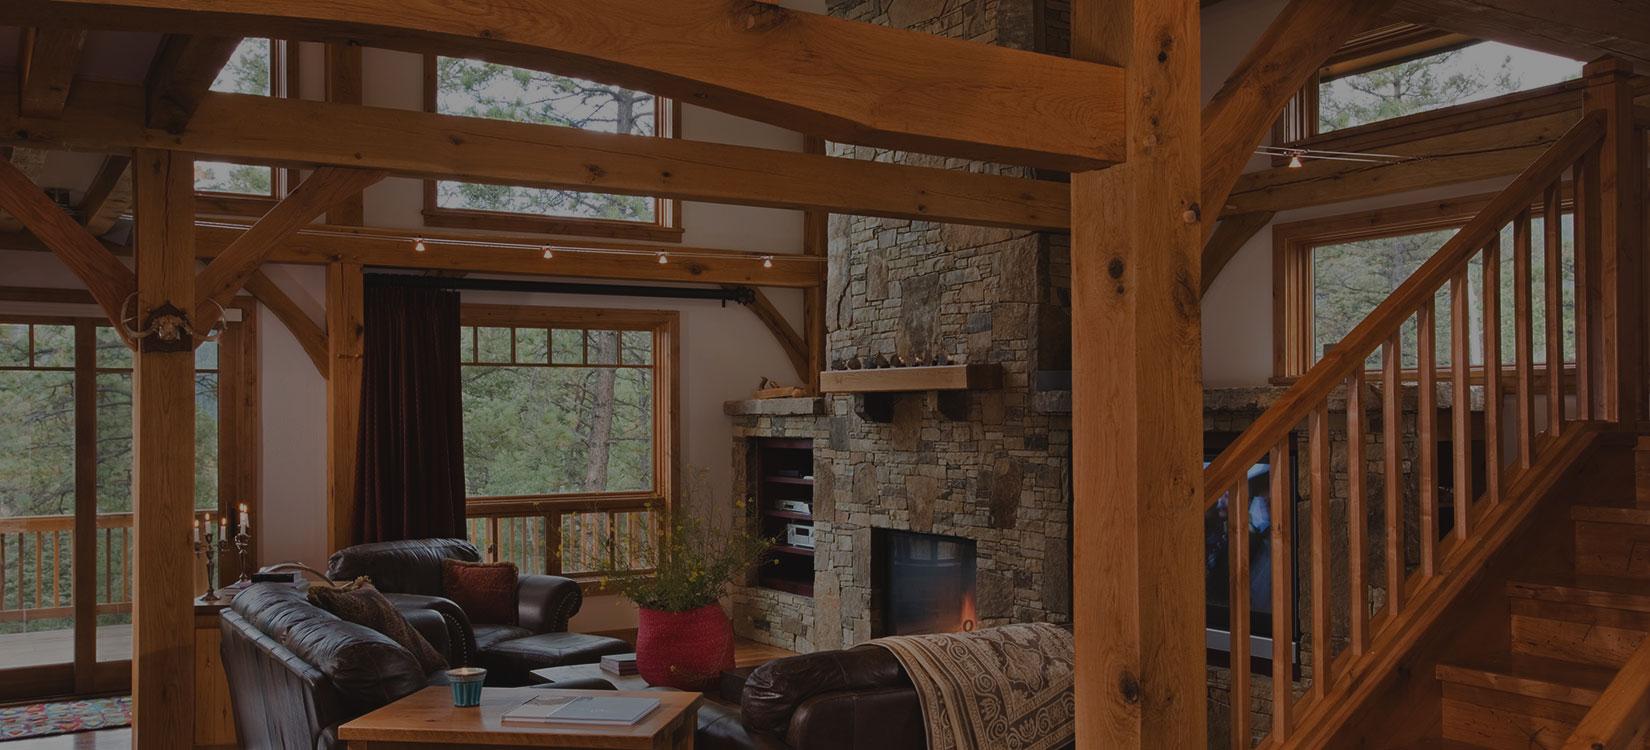 Wind River Timberframes   Mancos, Colorado   Custom Timber Frame Homes